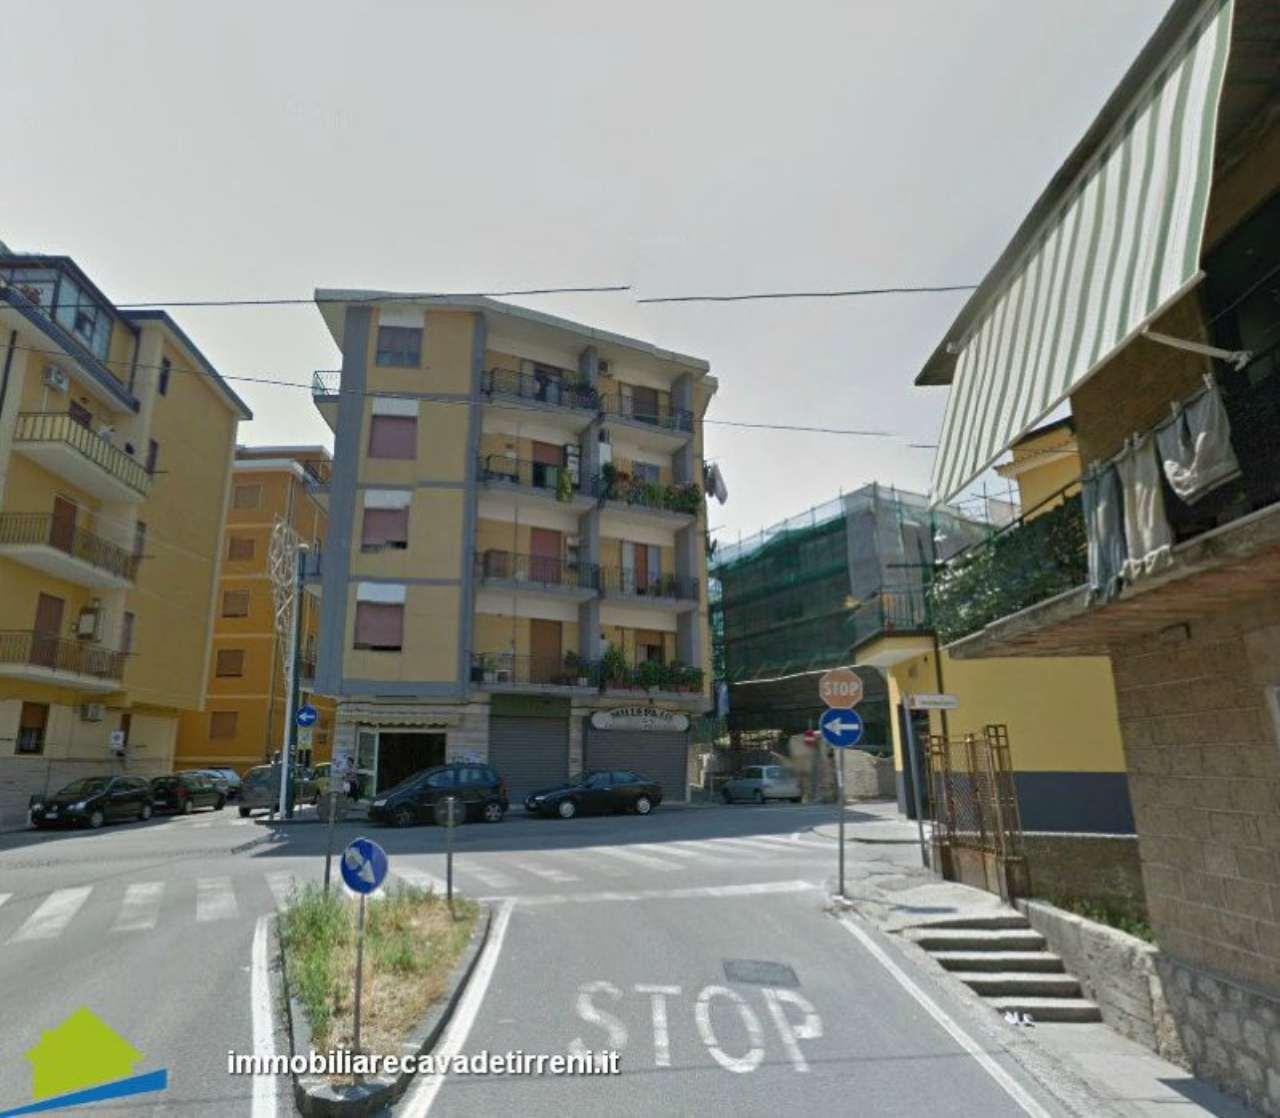 Appartamento in vendita a Cava de' Tirreni, 2 locali, prezzo € 130.000 | CambioCasa.it